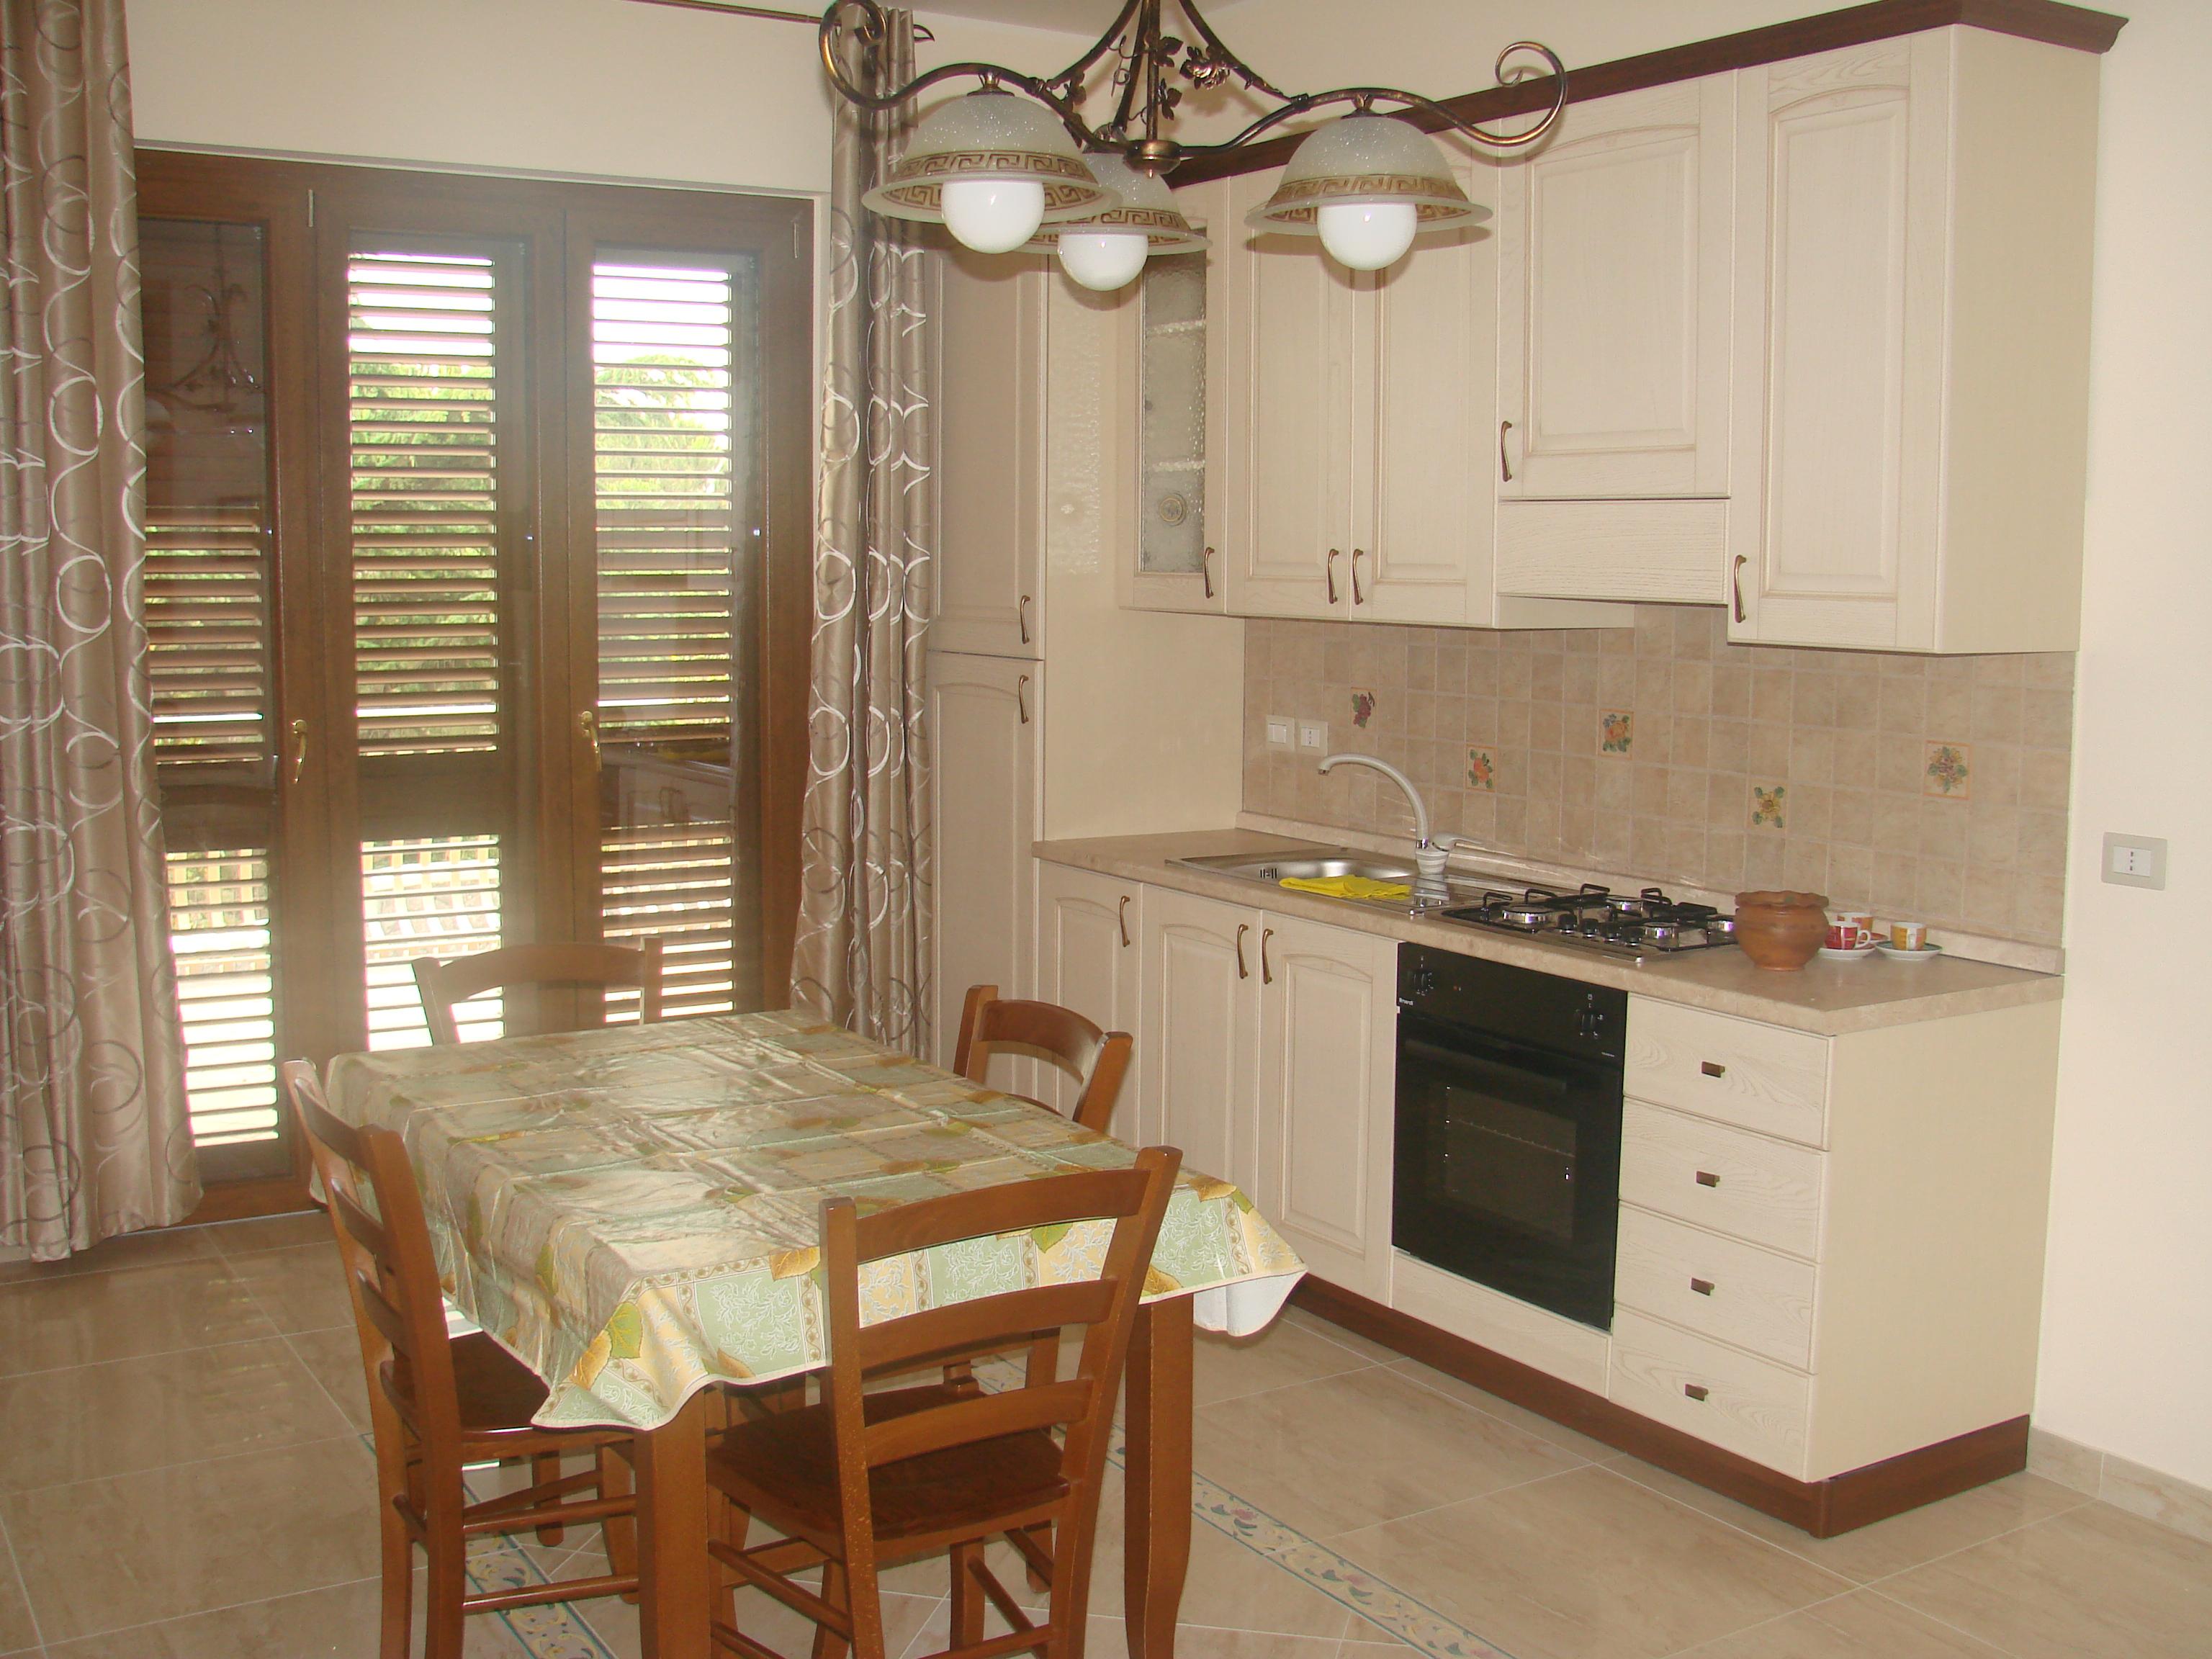 Trecastagni mini appartamenti per brevi periodi caruso for Mini appartamenti arredati